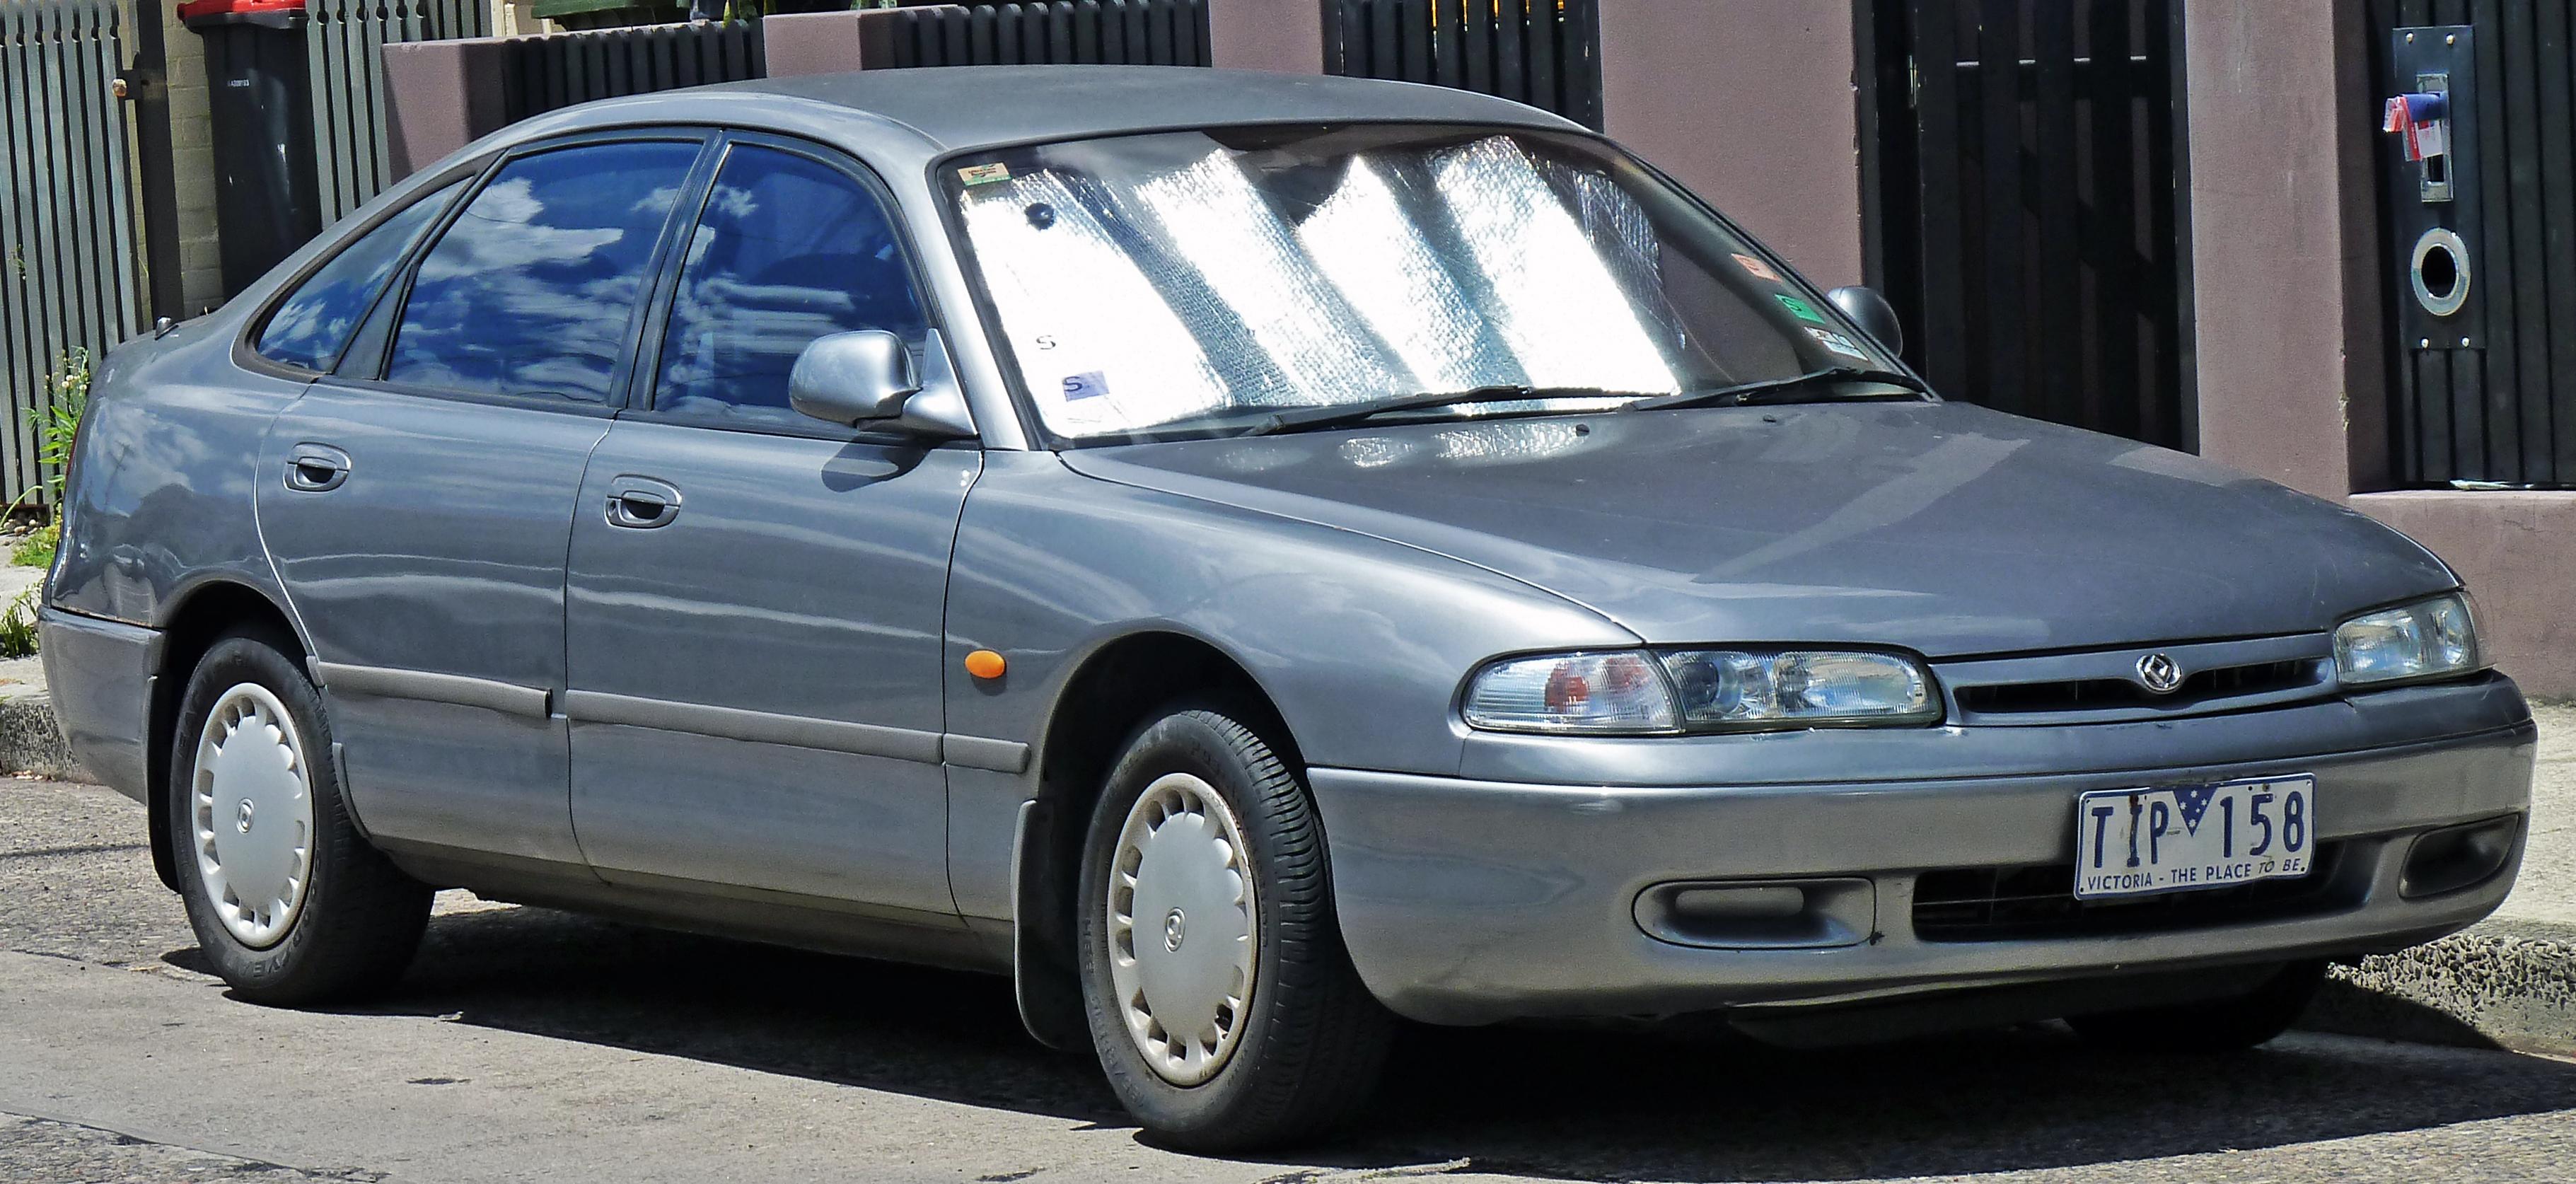 File:1992 Mazda 626 (GE) 2.0 hatchback (2010-11-03).jpg - Wikimedia